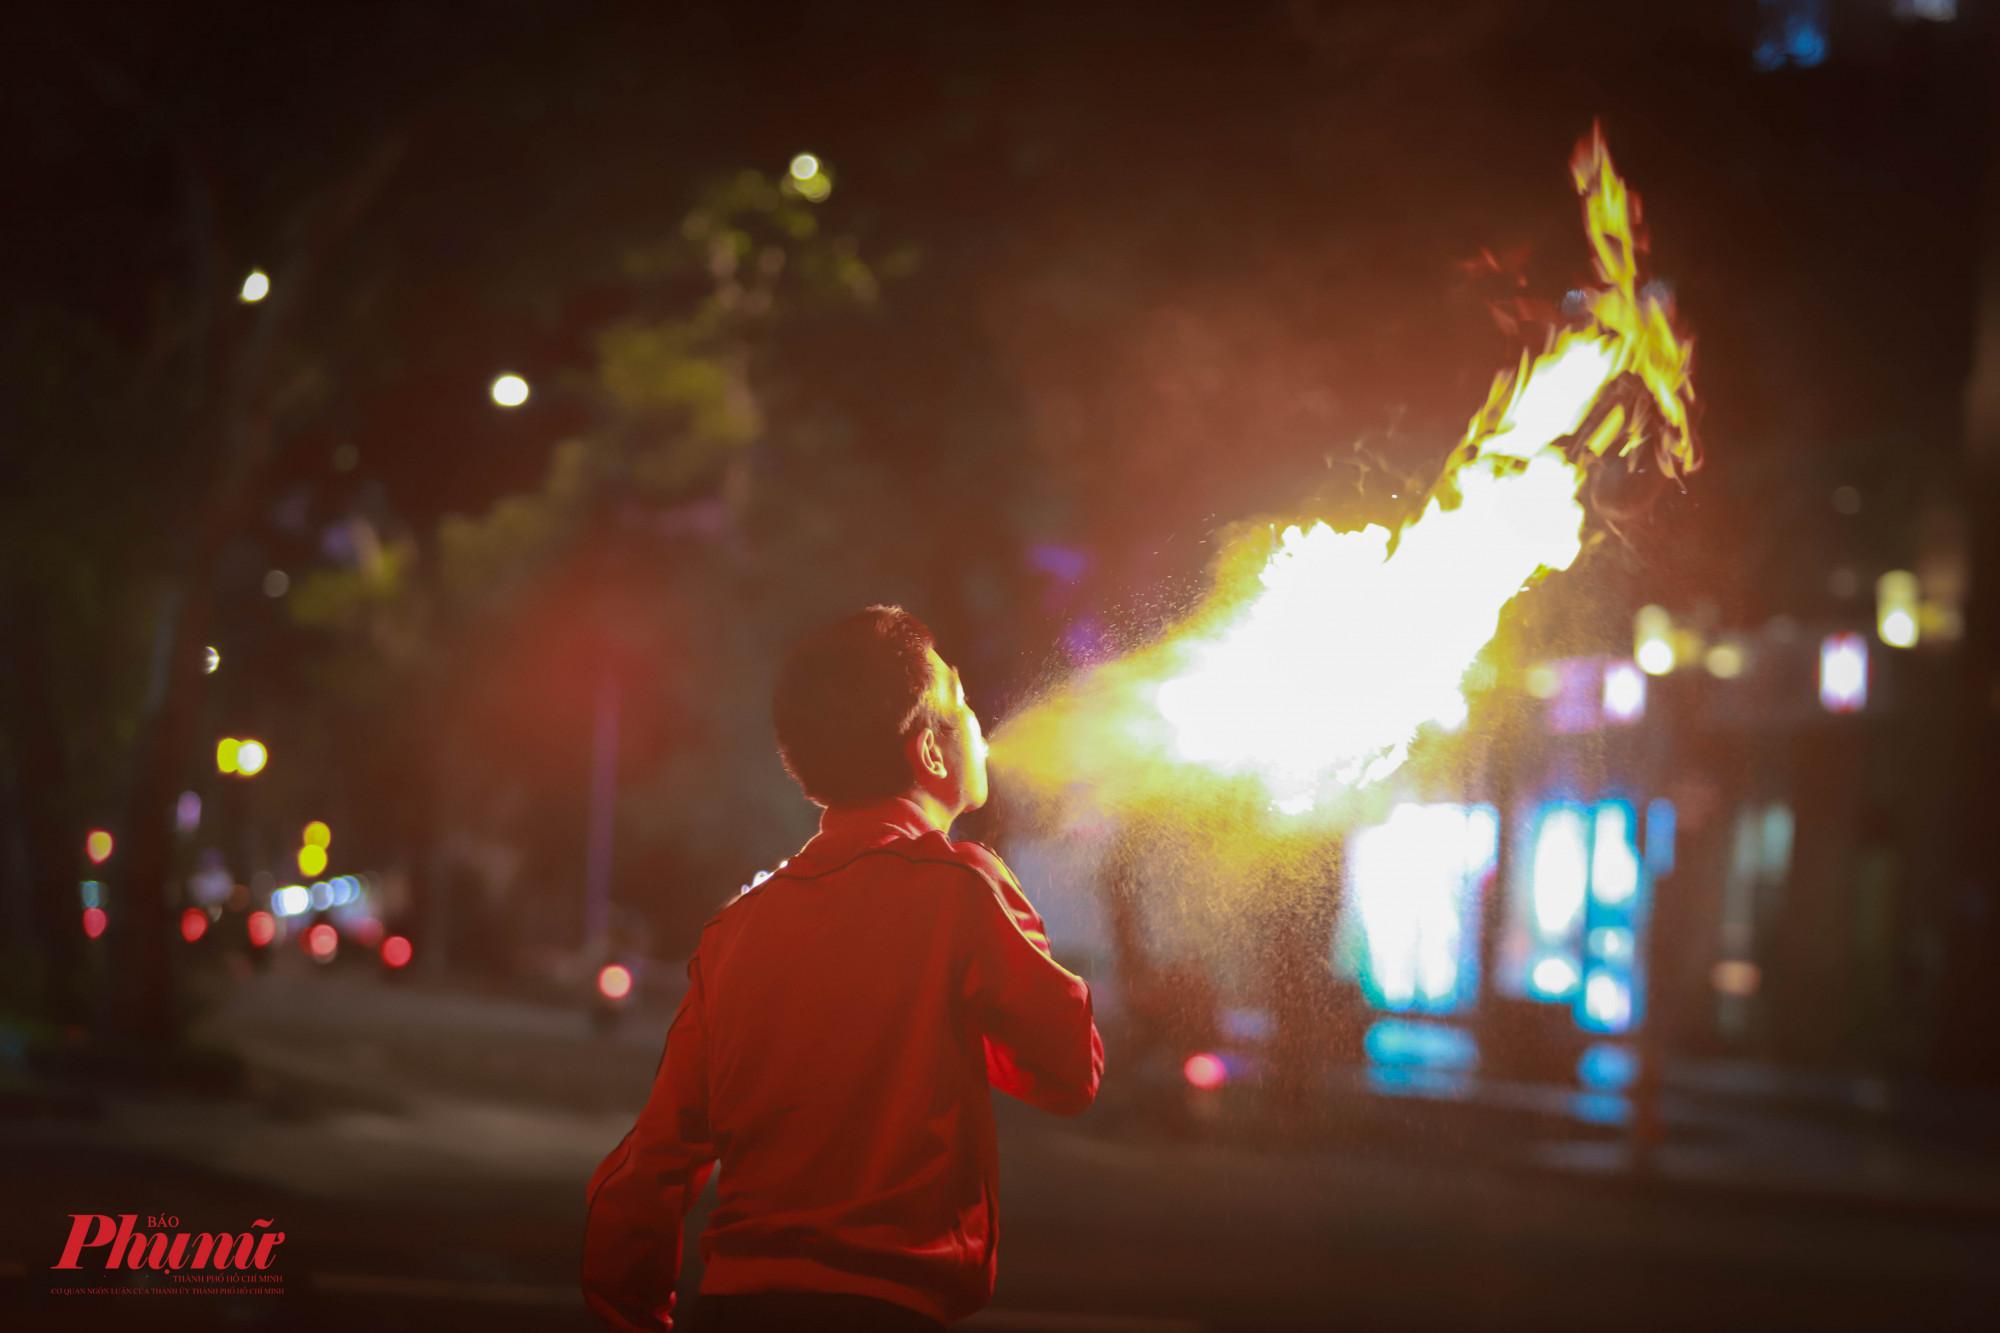 Đây gần như là hình ảnh không thể thiếu tại đường phố Sài Gòn những buổi tối